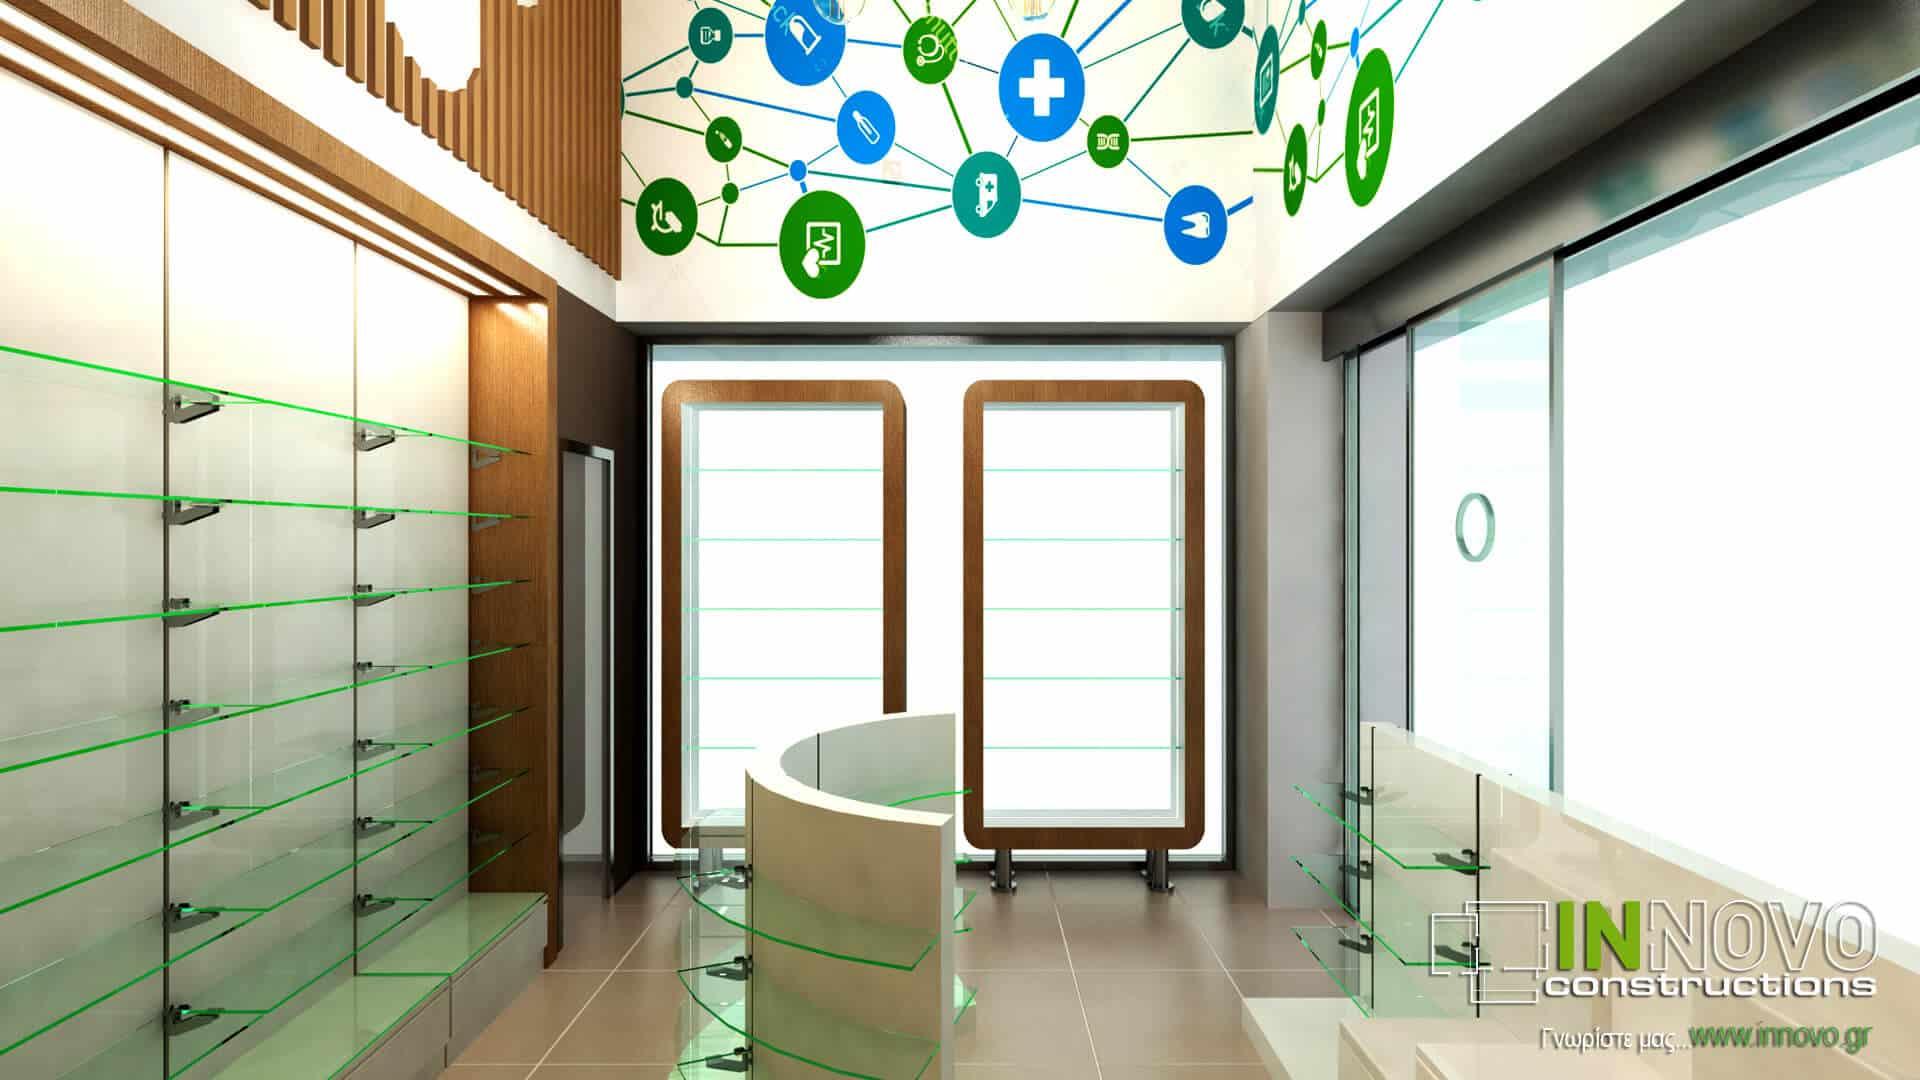 Σχεδιασμός κατασκευής χώρου φαρμακείου στο Αιγάλεω